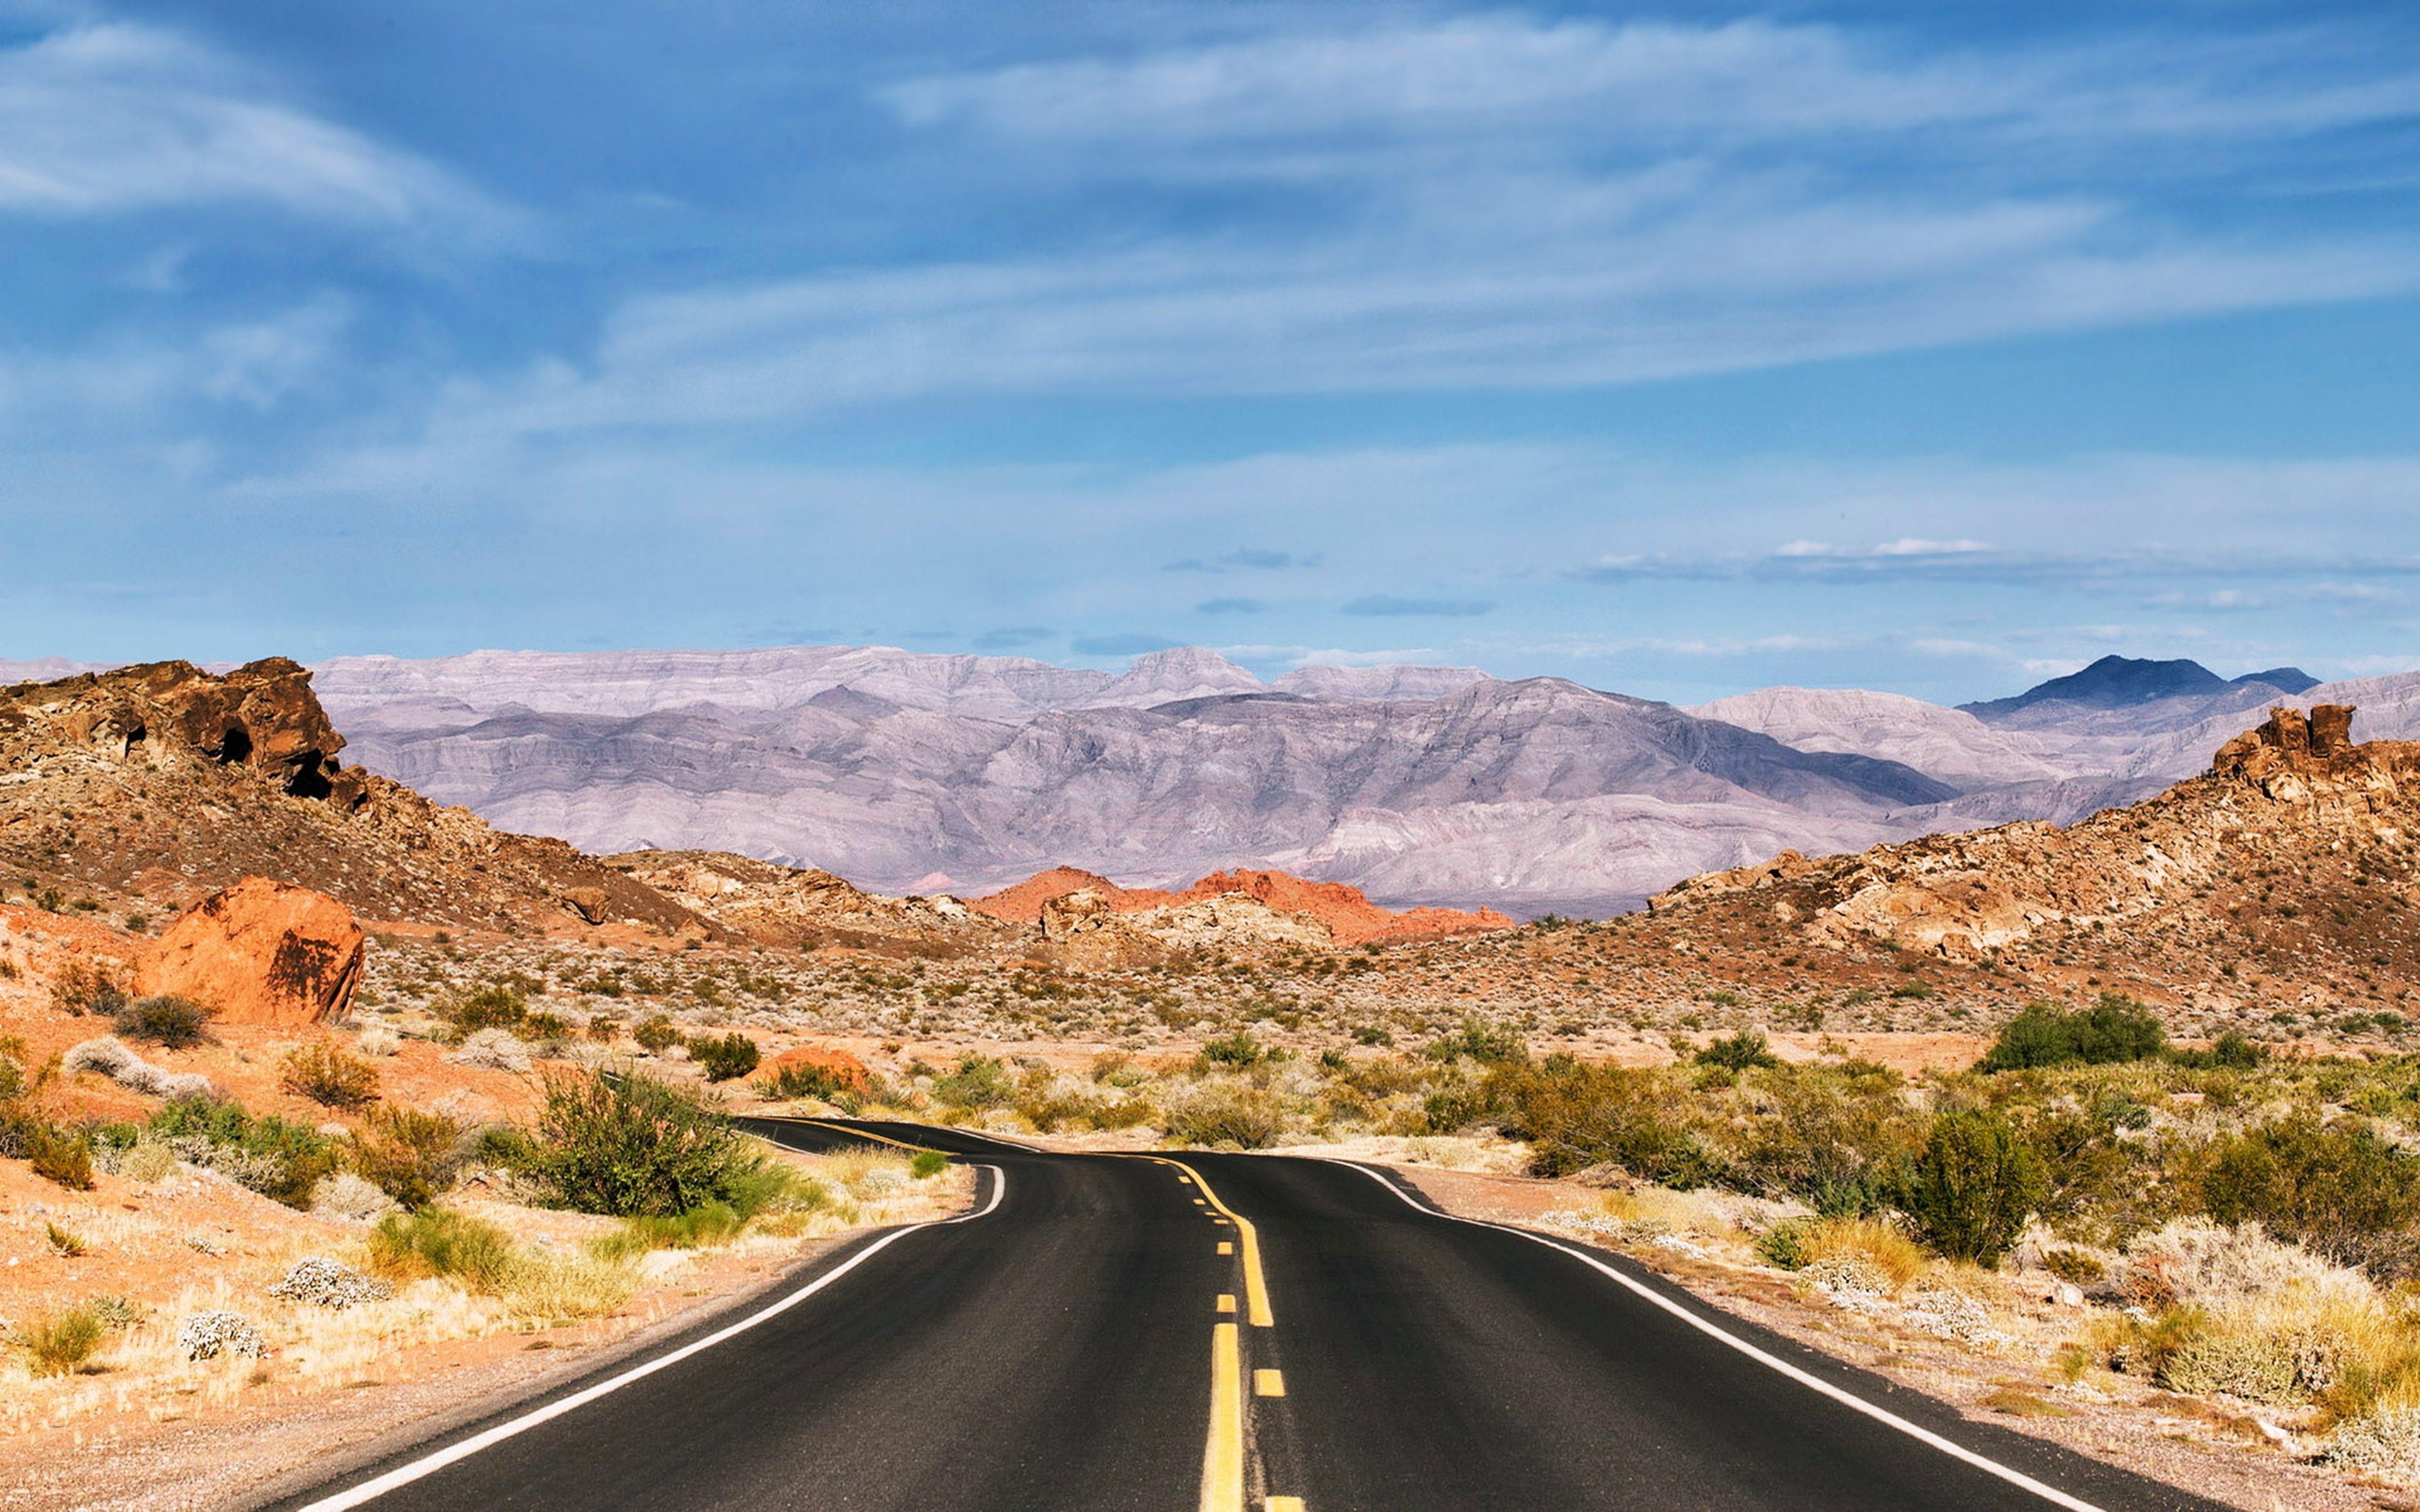 Landscapes Road Desert Hills Mountains Rocks Sky Clouds